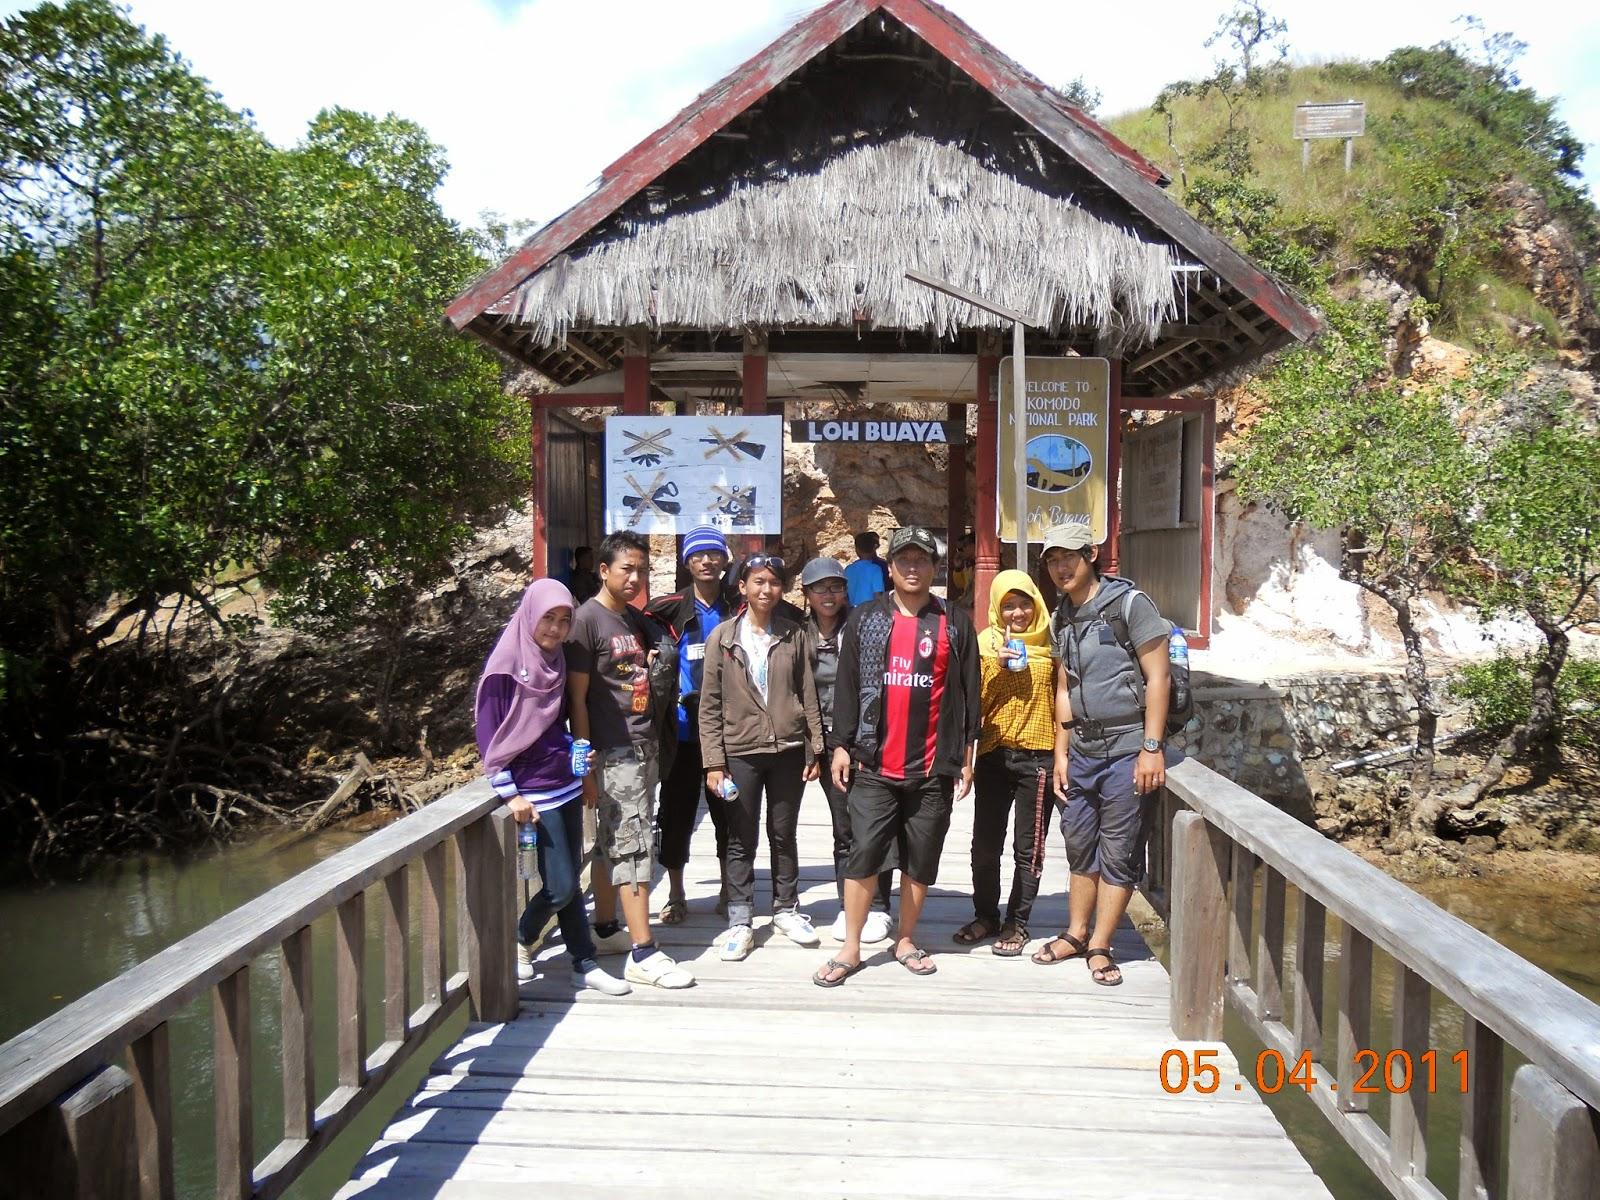 Kami rombongan traveler dari Malang, Jawa Timur